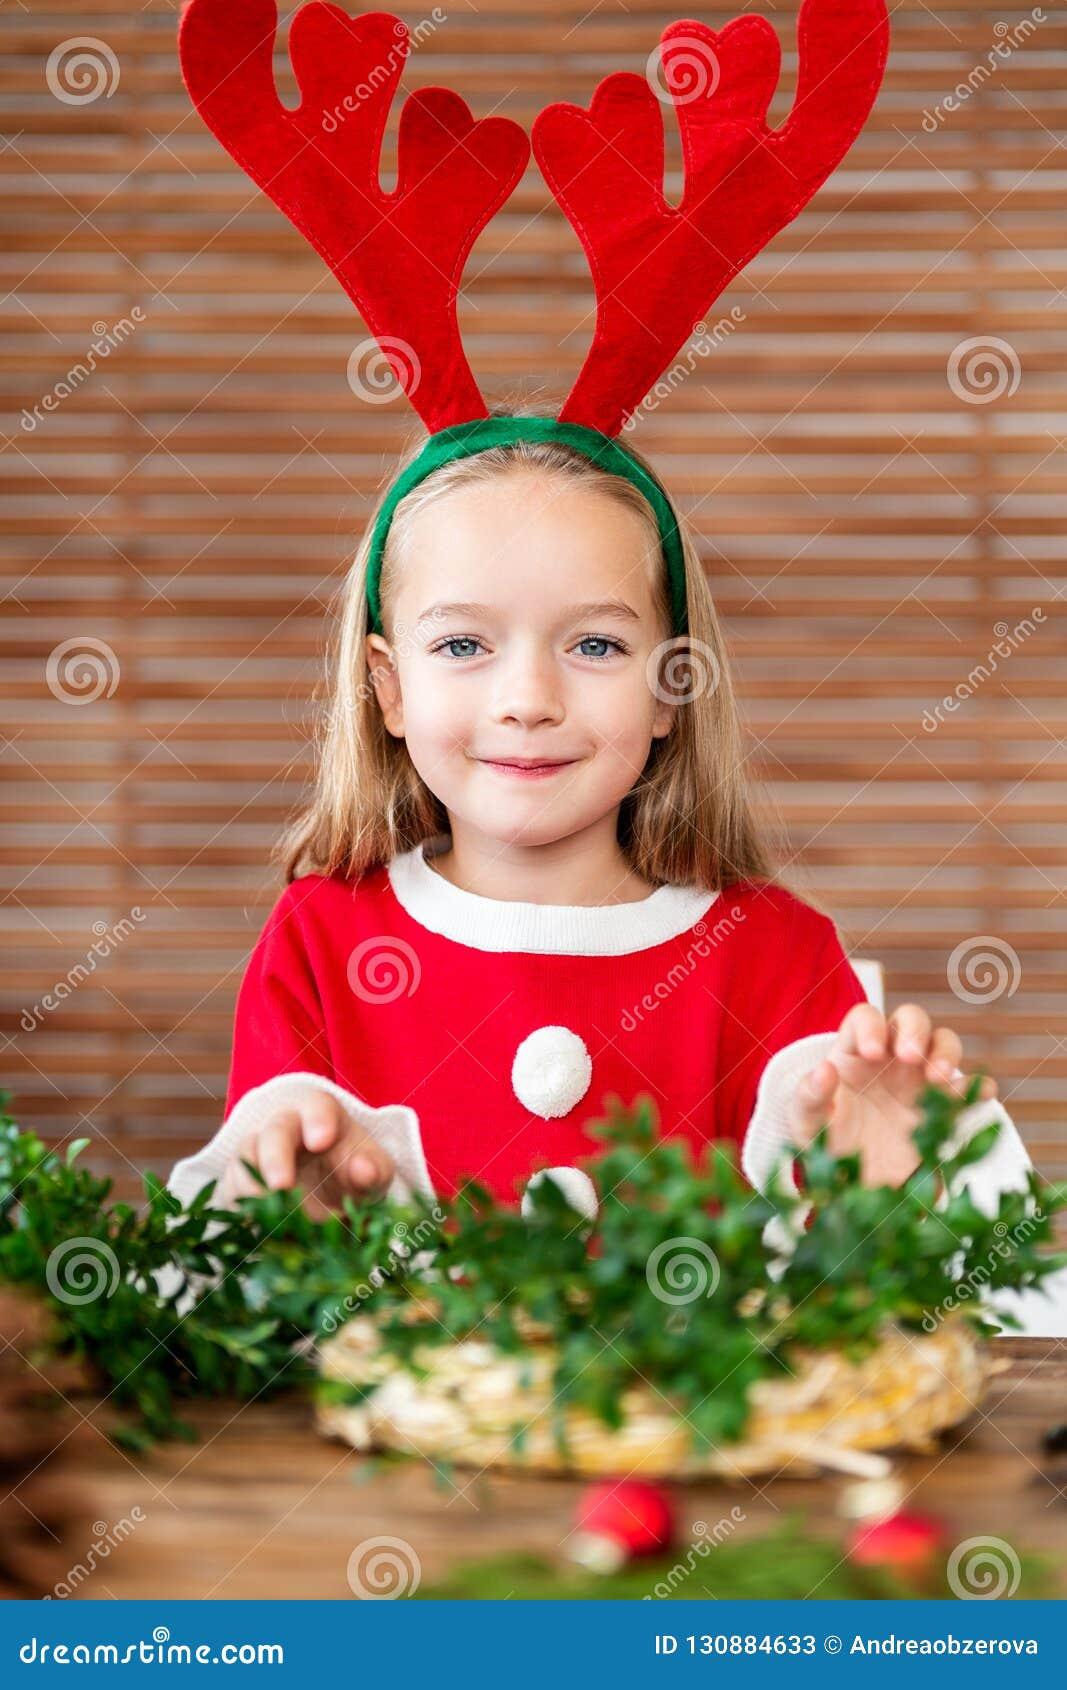 在驯鹿服装佩带的驯鹿鹿角打扮的逗人喜爱的学龄前儿童女孩做圣诞节花圈在客厅 Diy圣诞节